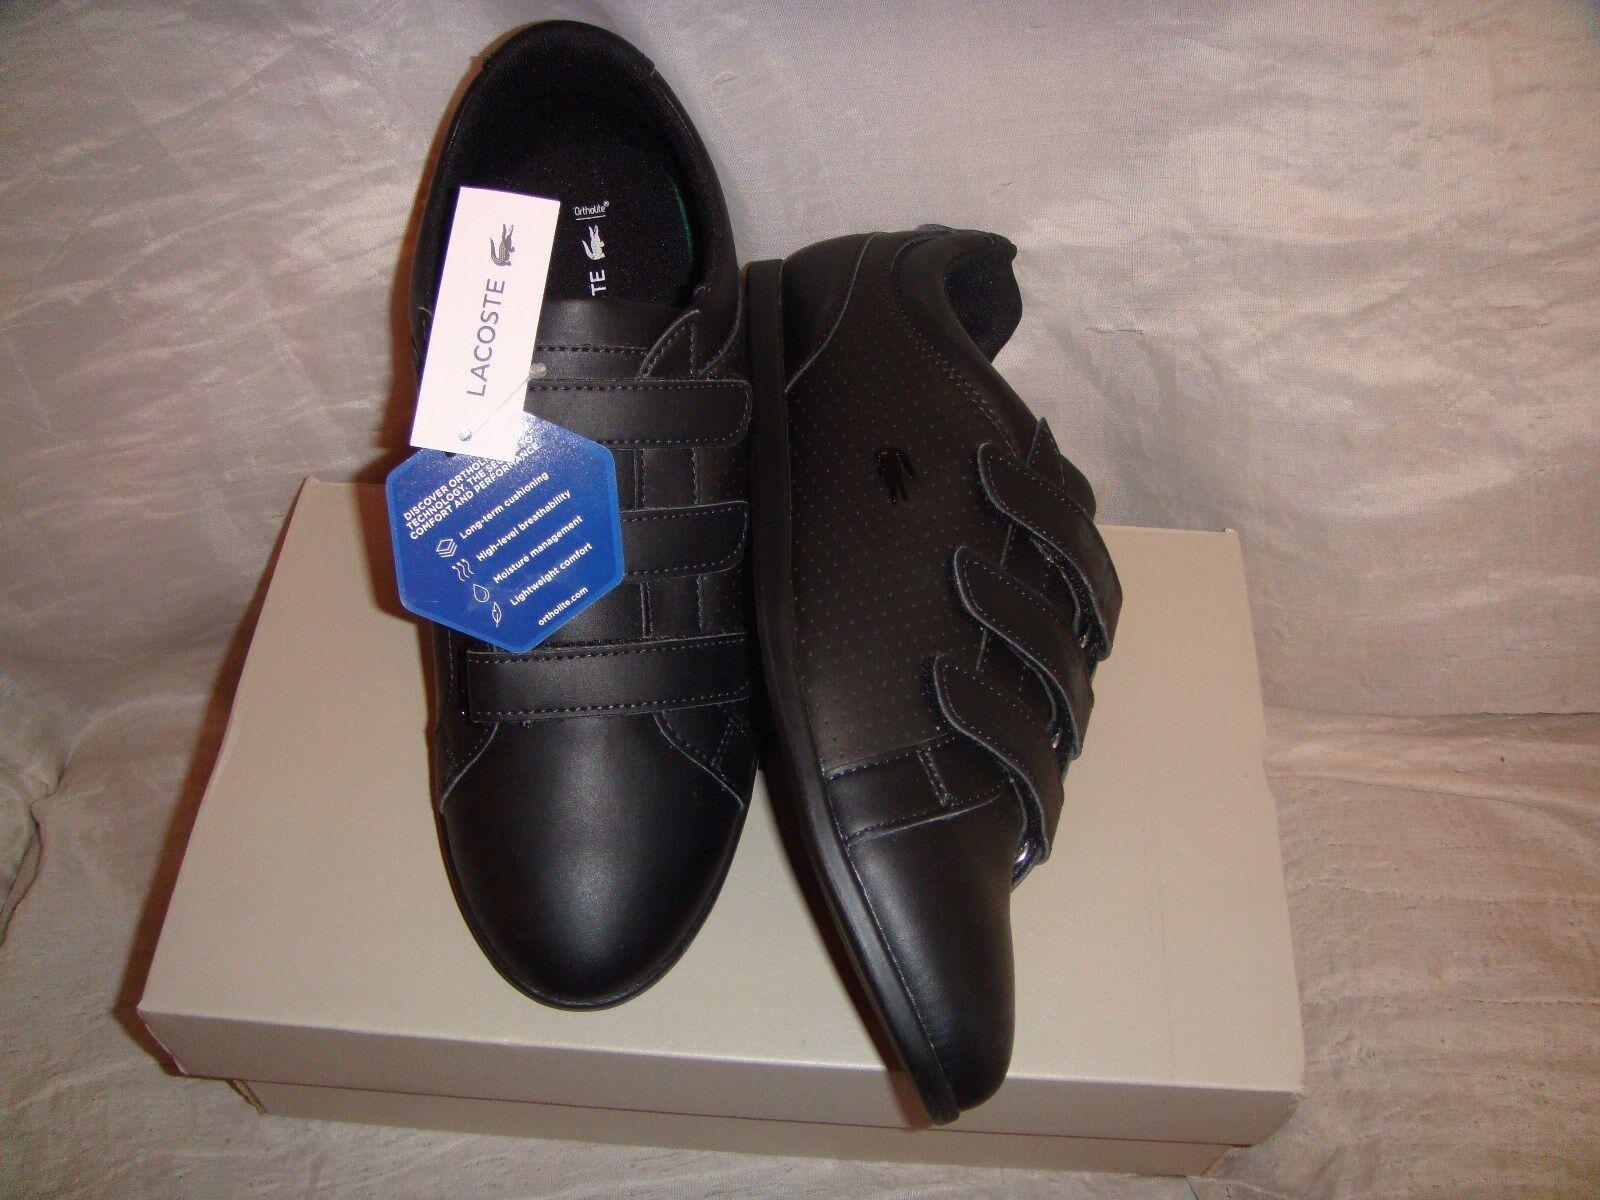 Lacoste Rey Strap 318 2  Womens shoes Sneakers  Hook Loop  Black Black  9.5  NIB